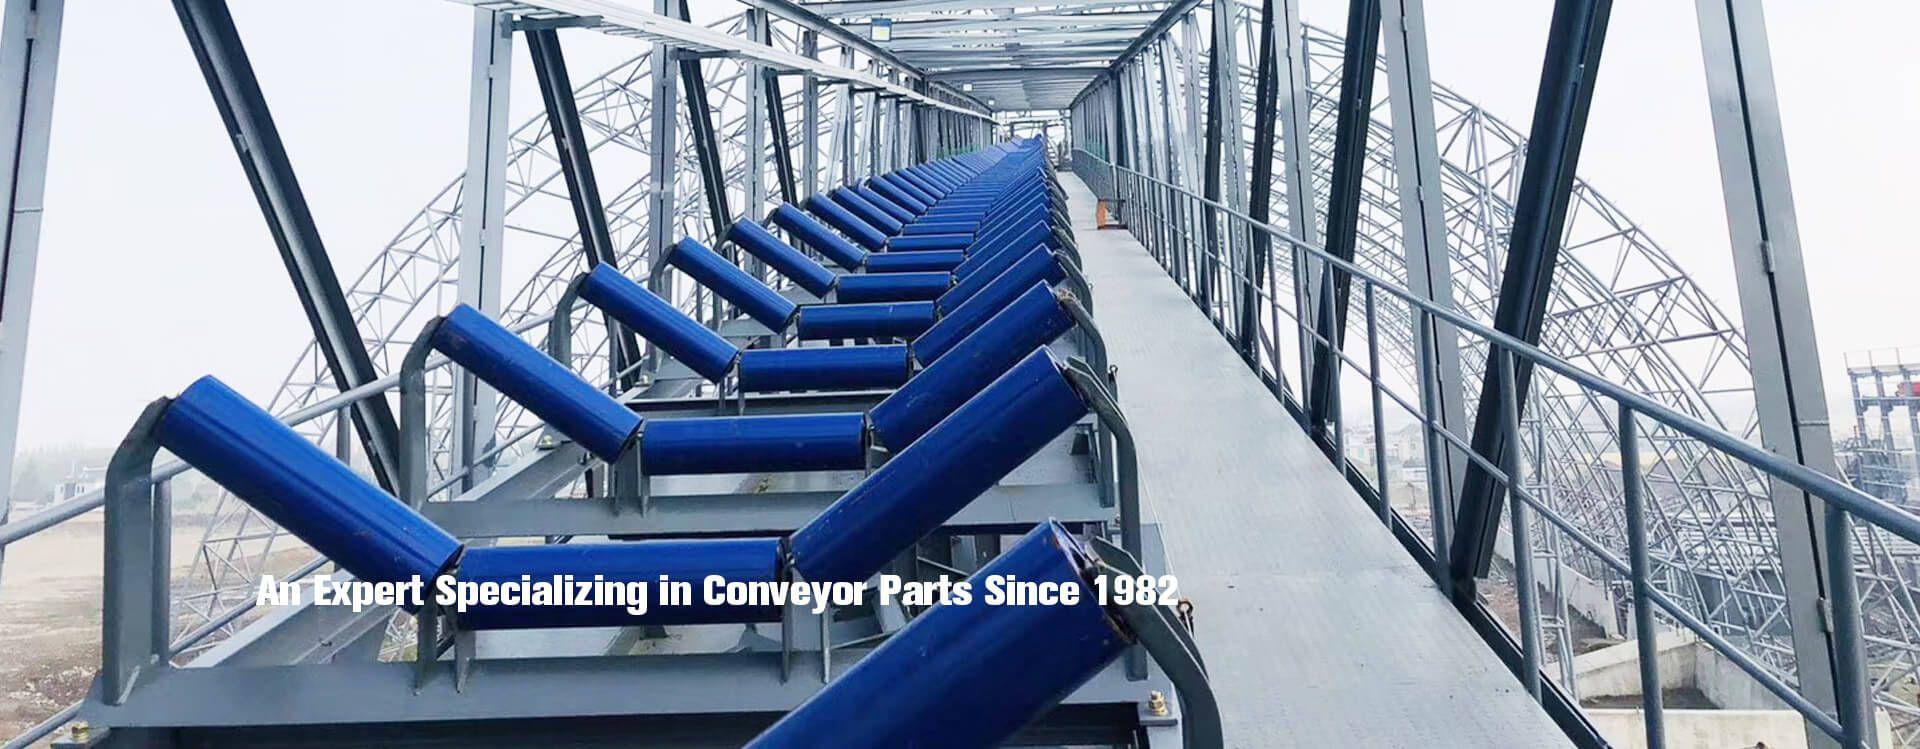 conveyor roller idler pulley frame bracket